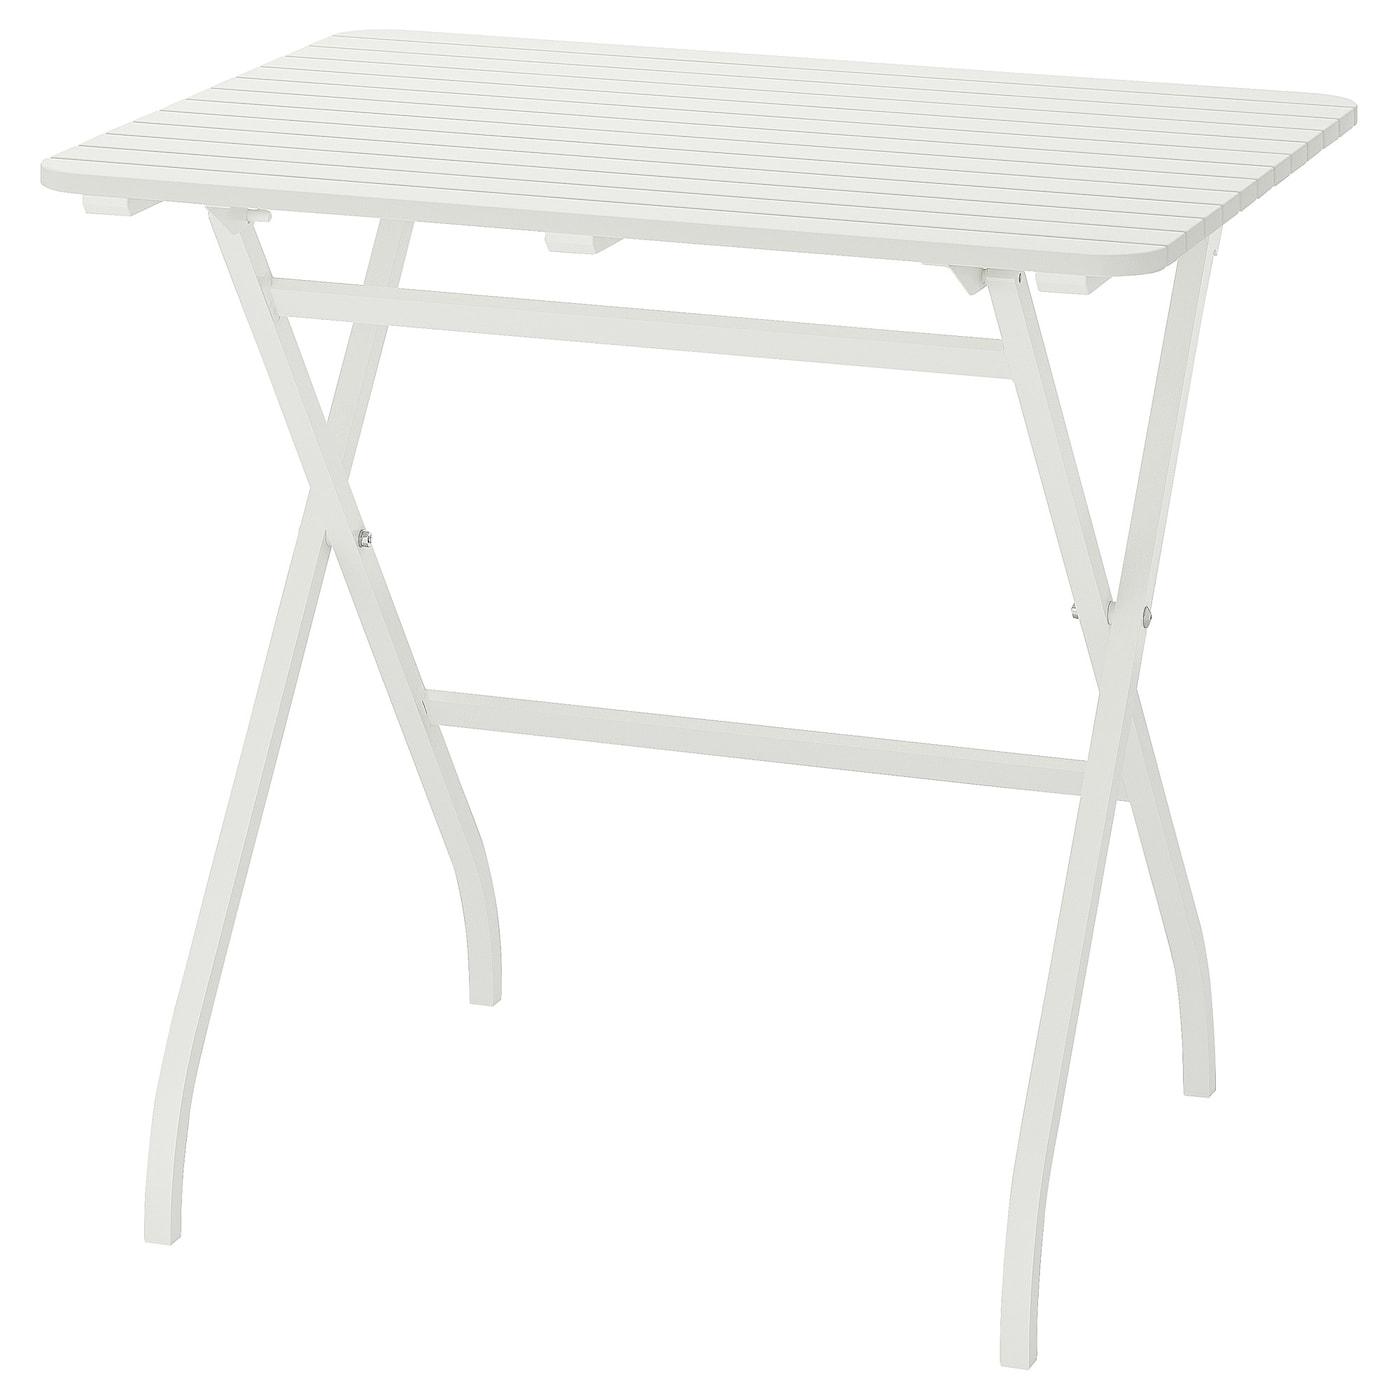 Malaro Table Exterieur Pliable Blanc Ikea Suisse